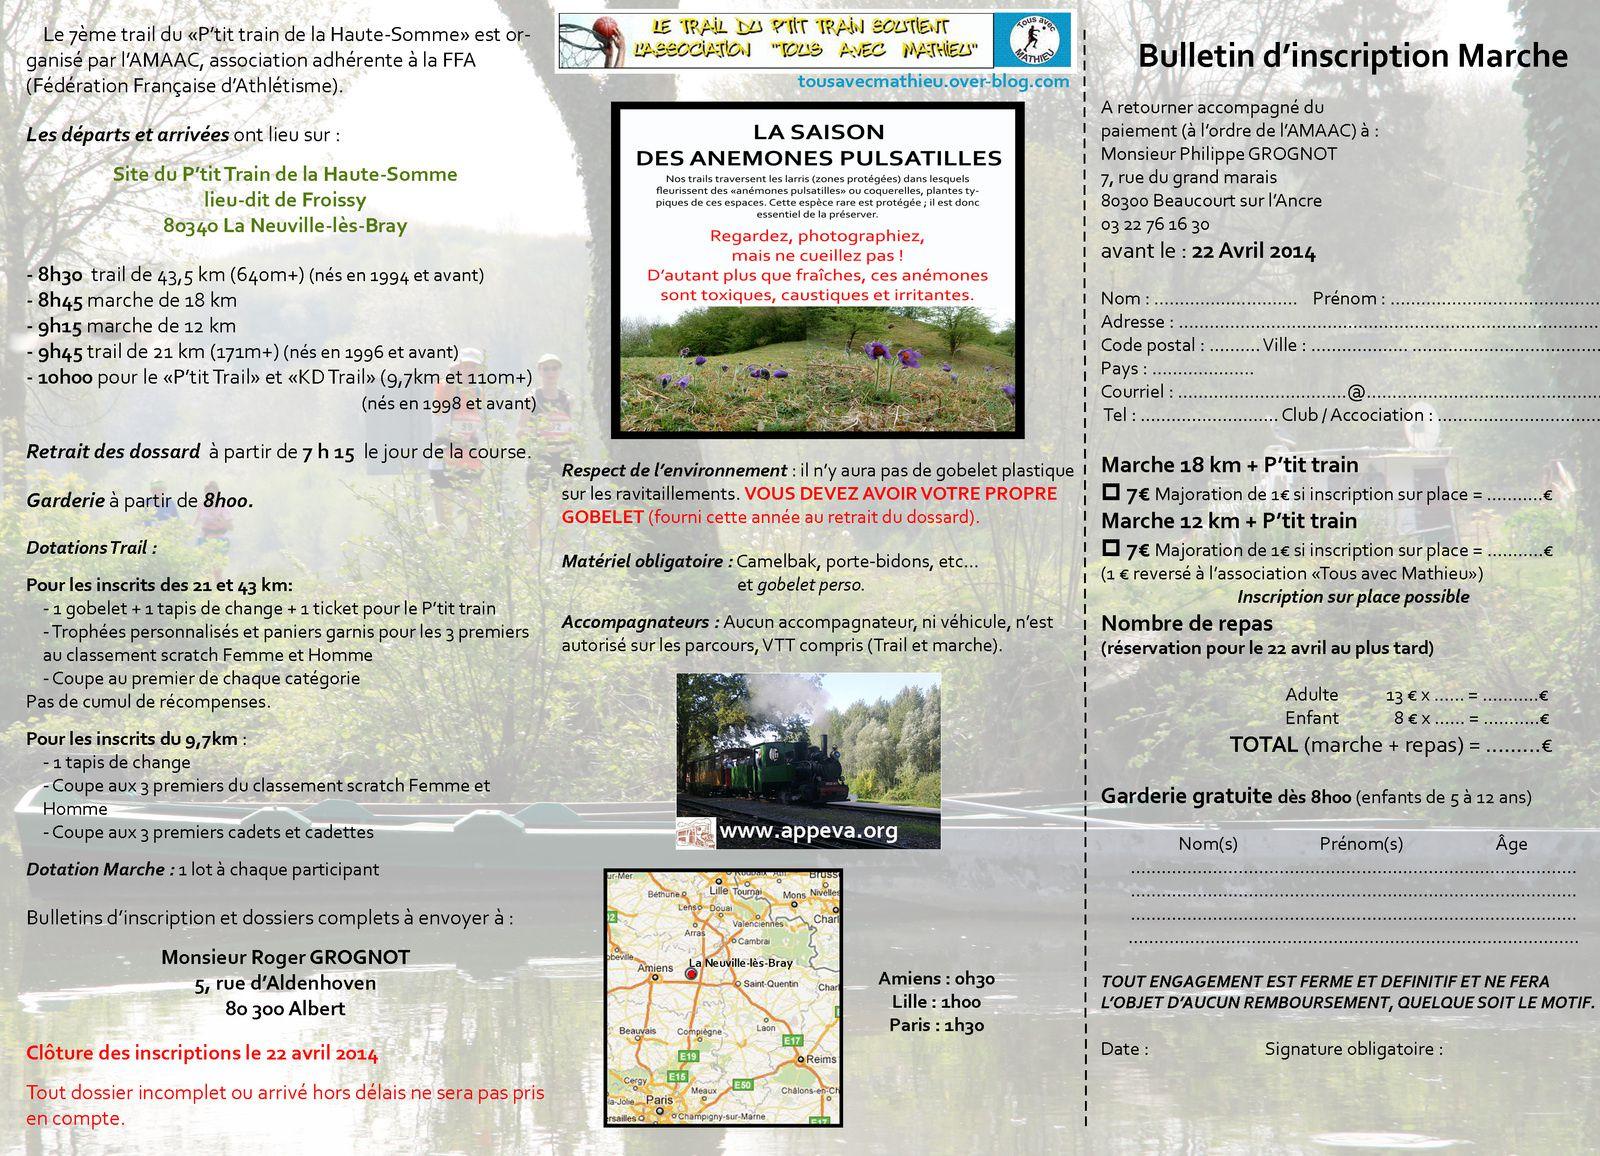 Trail du p'tit train de la Haute Somme